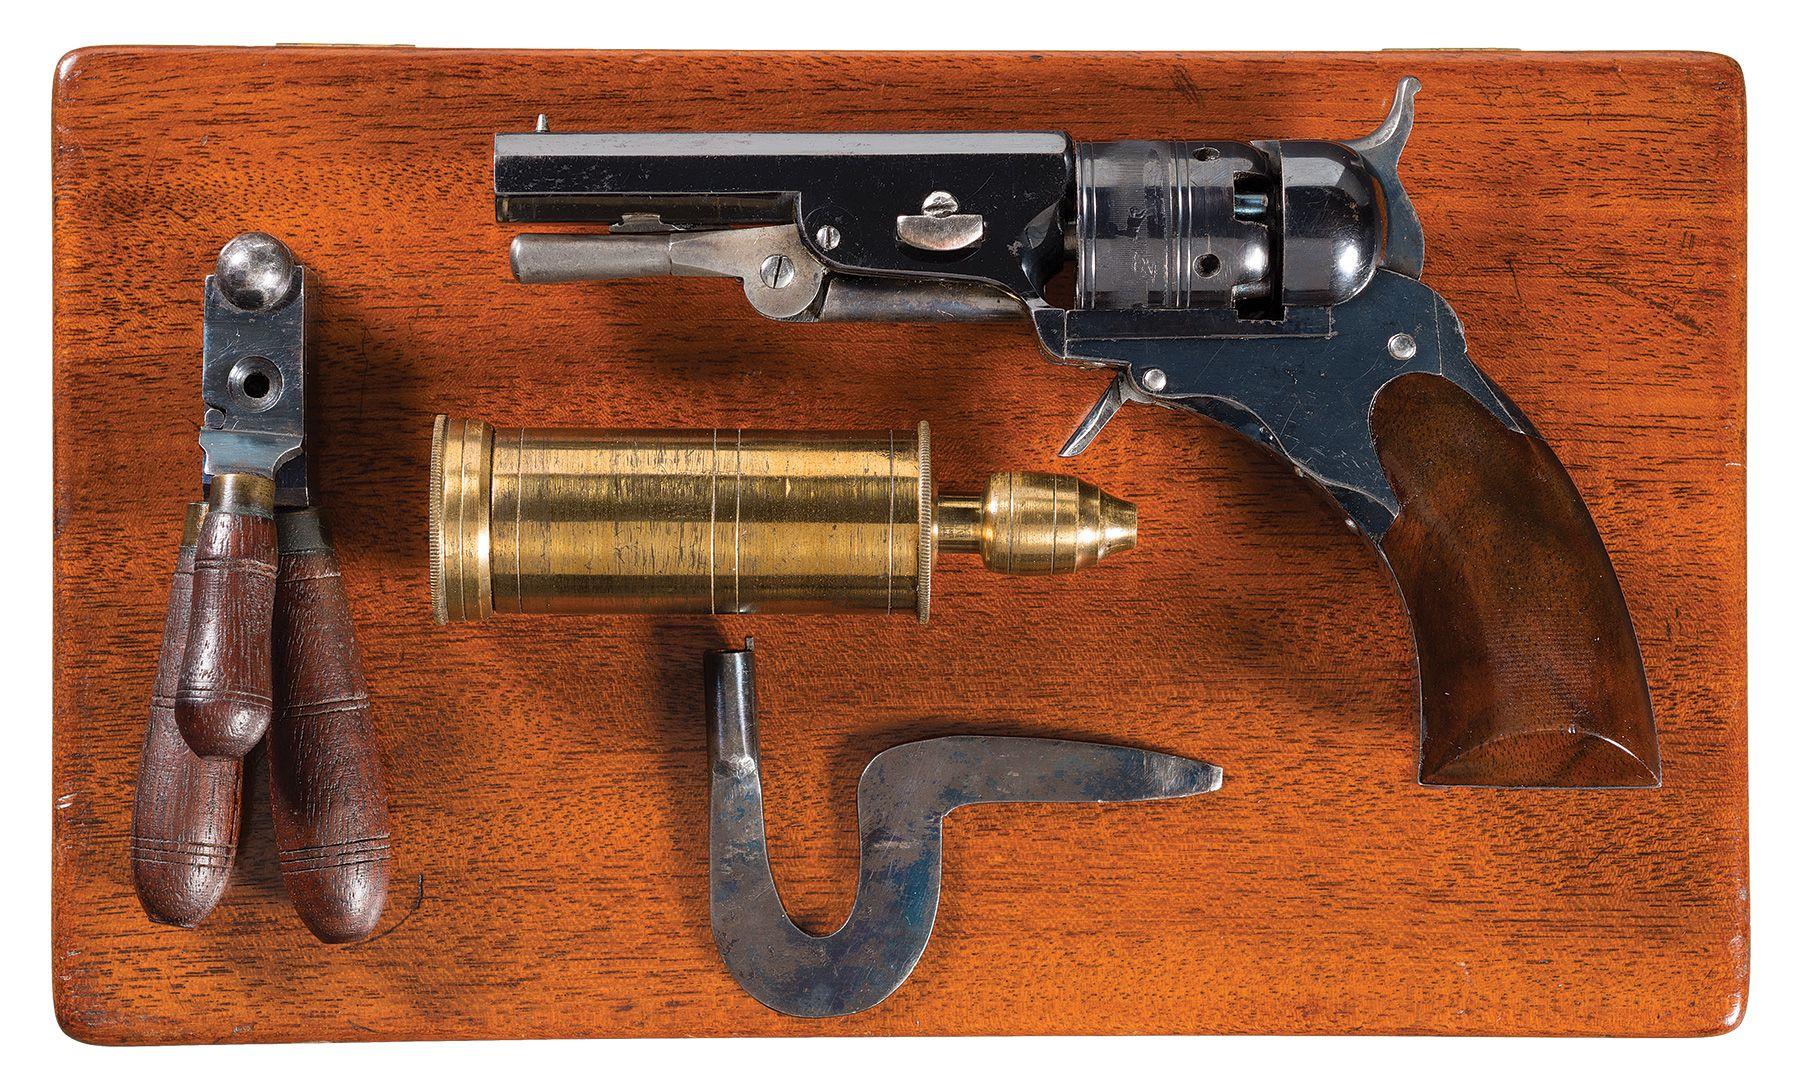 Cased Colt-Ehlers Pocket Model Paterson Revolver